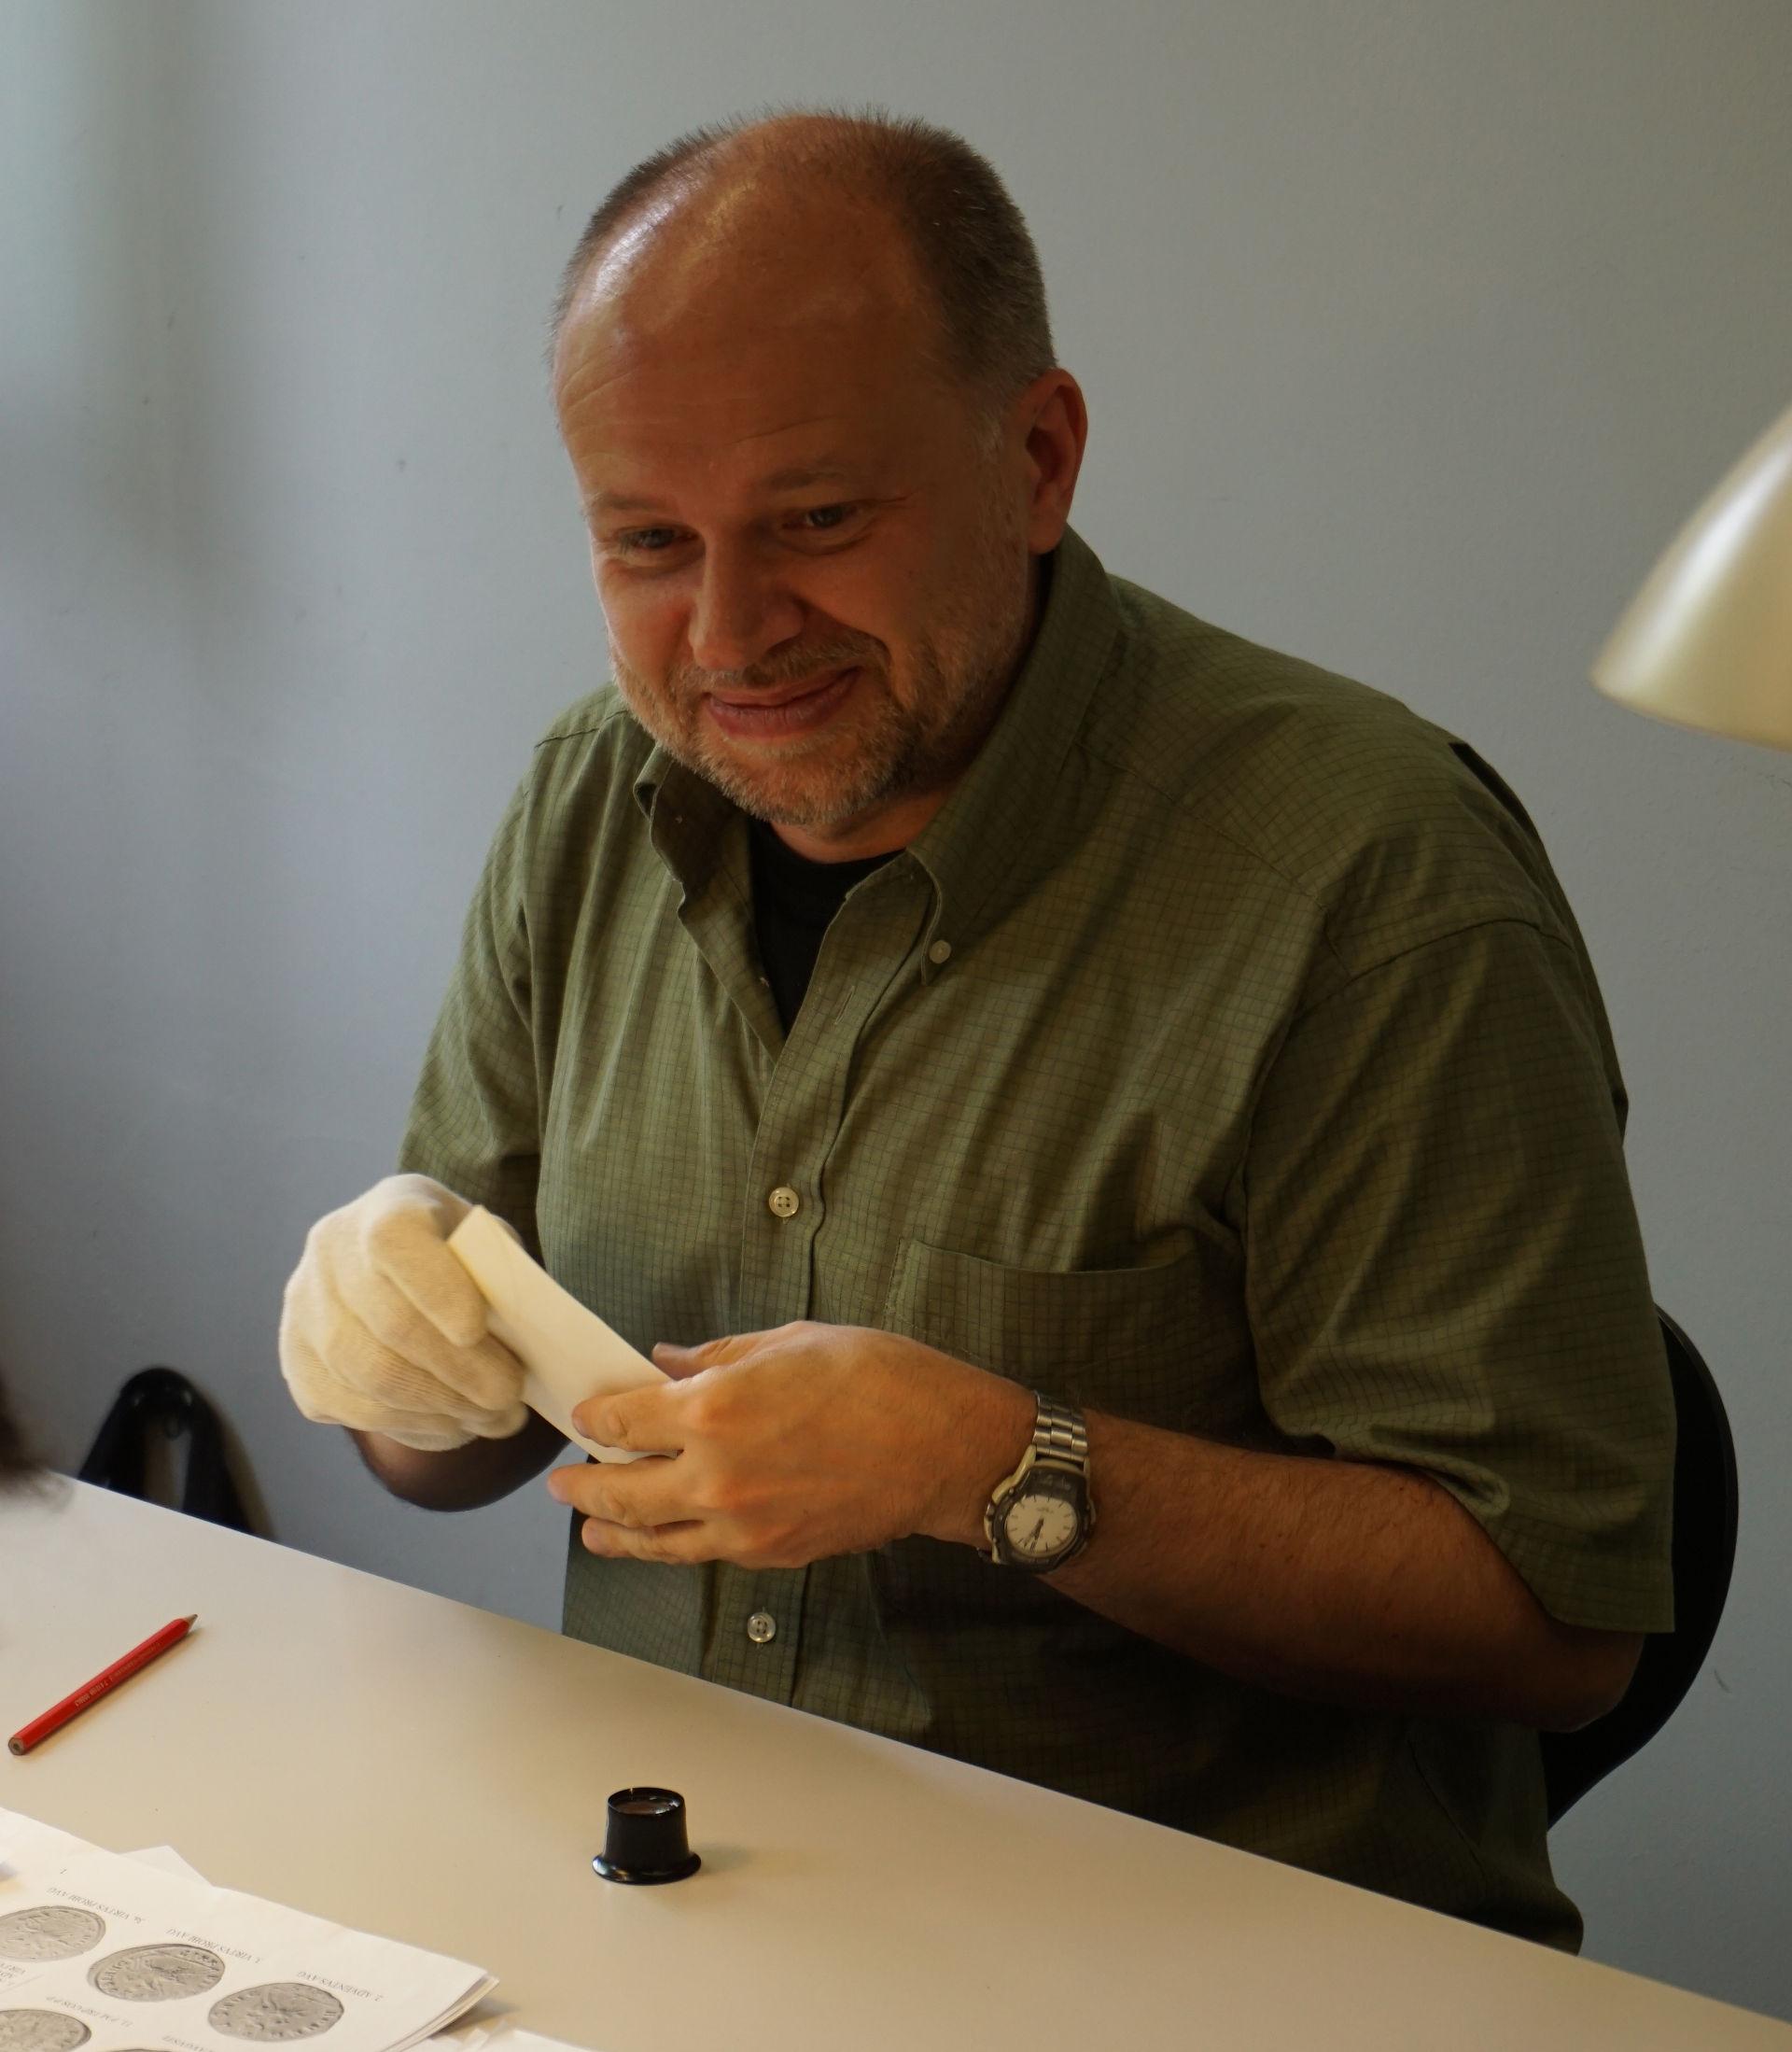 Michael Matzke lors de la première détermination du trésor d'Ueken, en mai 2016 dans les locaux de l'archéologie cantonale d'Argovie, Brugg.